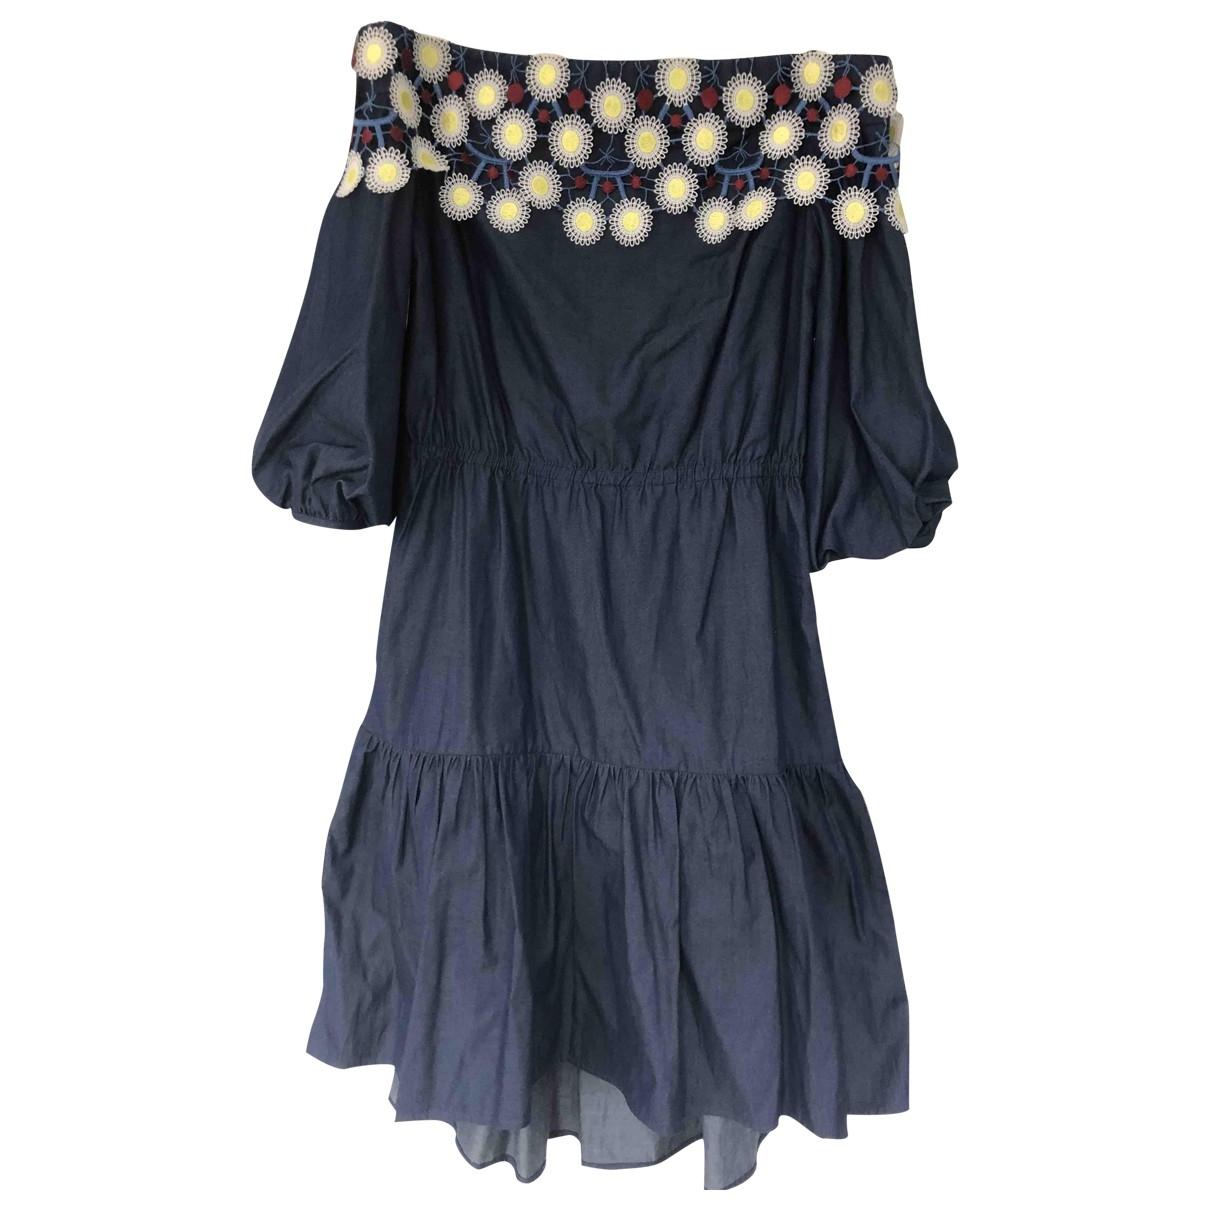 Peter Pilotto \N Kleid in  Blau Denim - Jeans